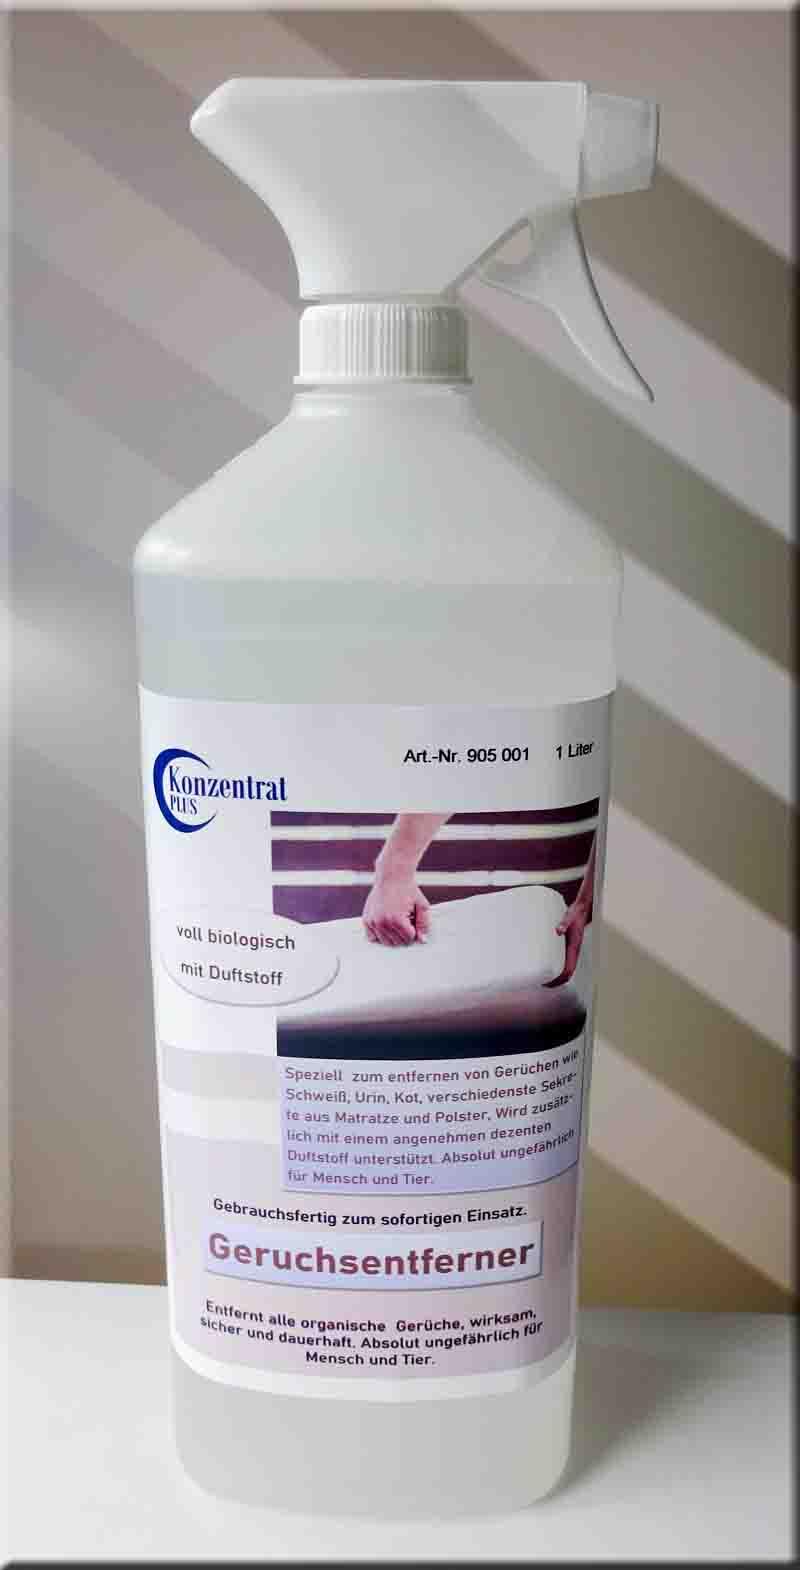 Geruchsentferner Inkontinenz für Pflegedienst und häusliche Pflege